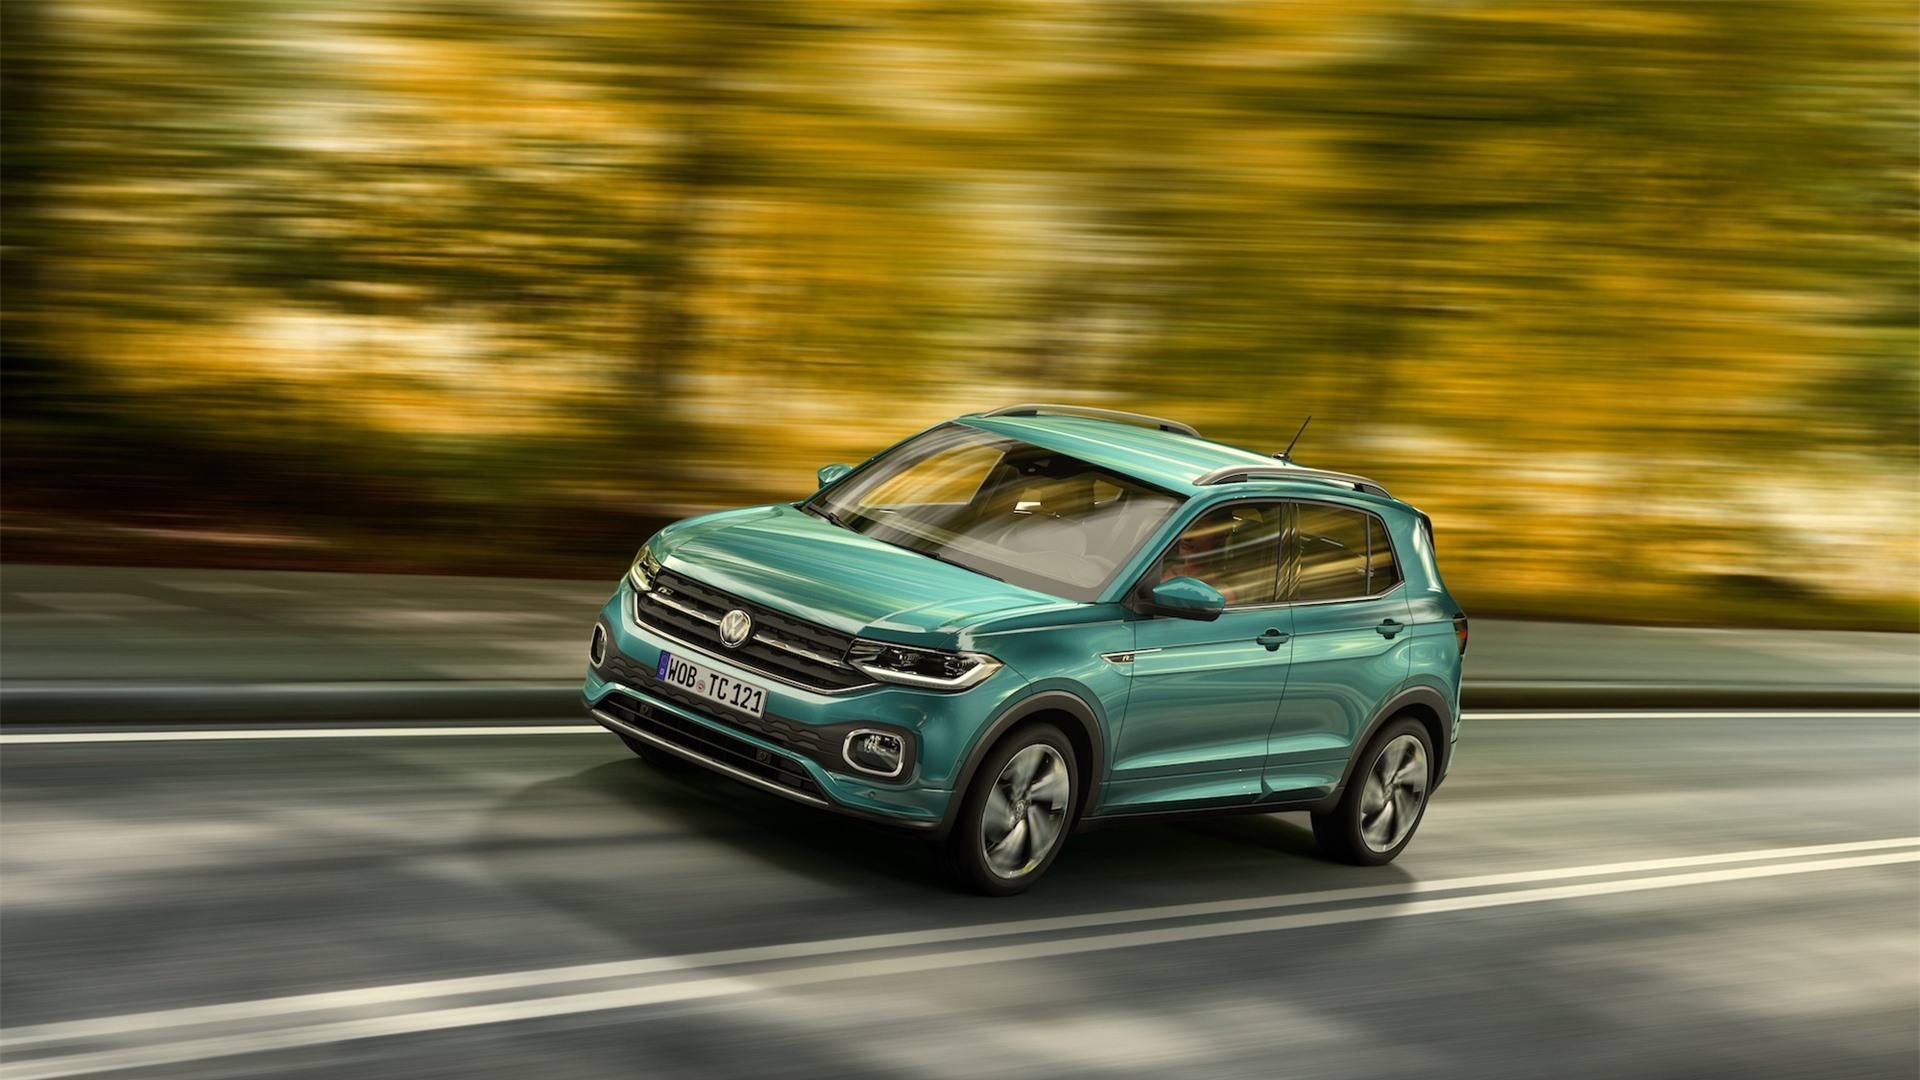 Volkswagen sap gioi thieu 2 mau xe gam cao moi tai VN anh 3